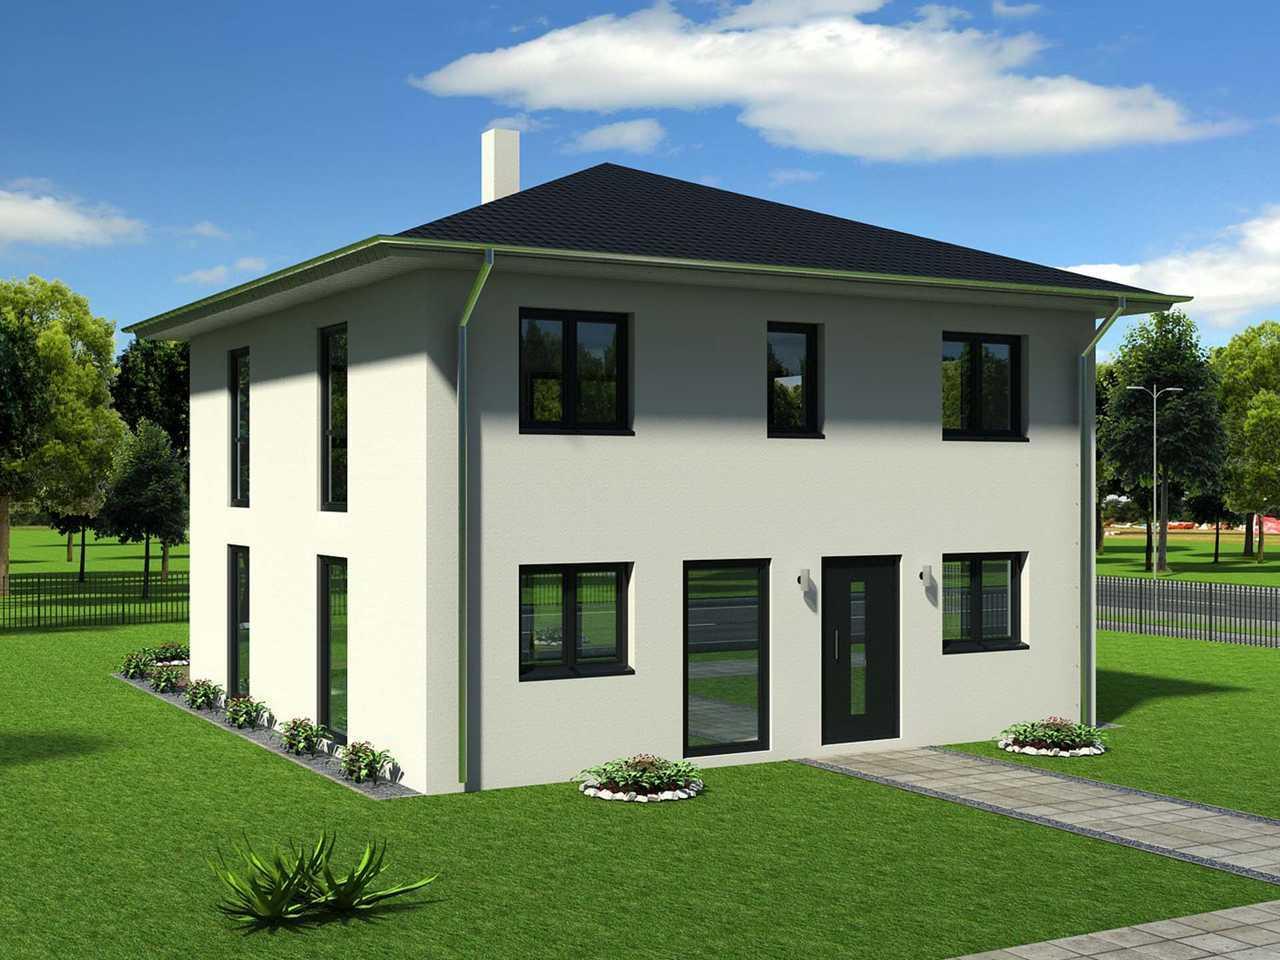 FamilienHaus 205 - Fensterle Bauunternehmen